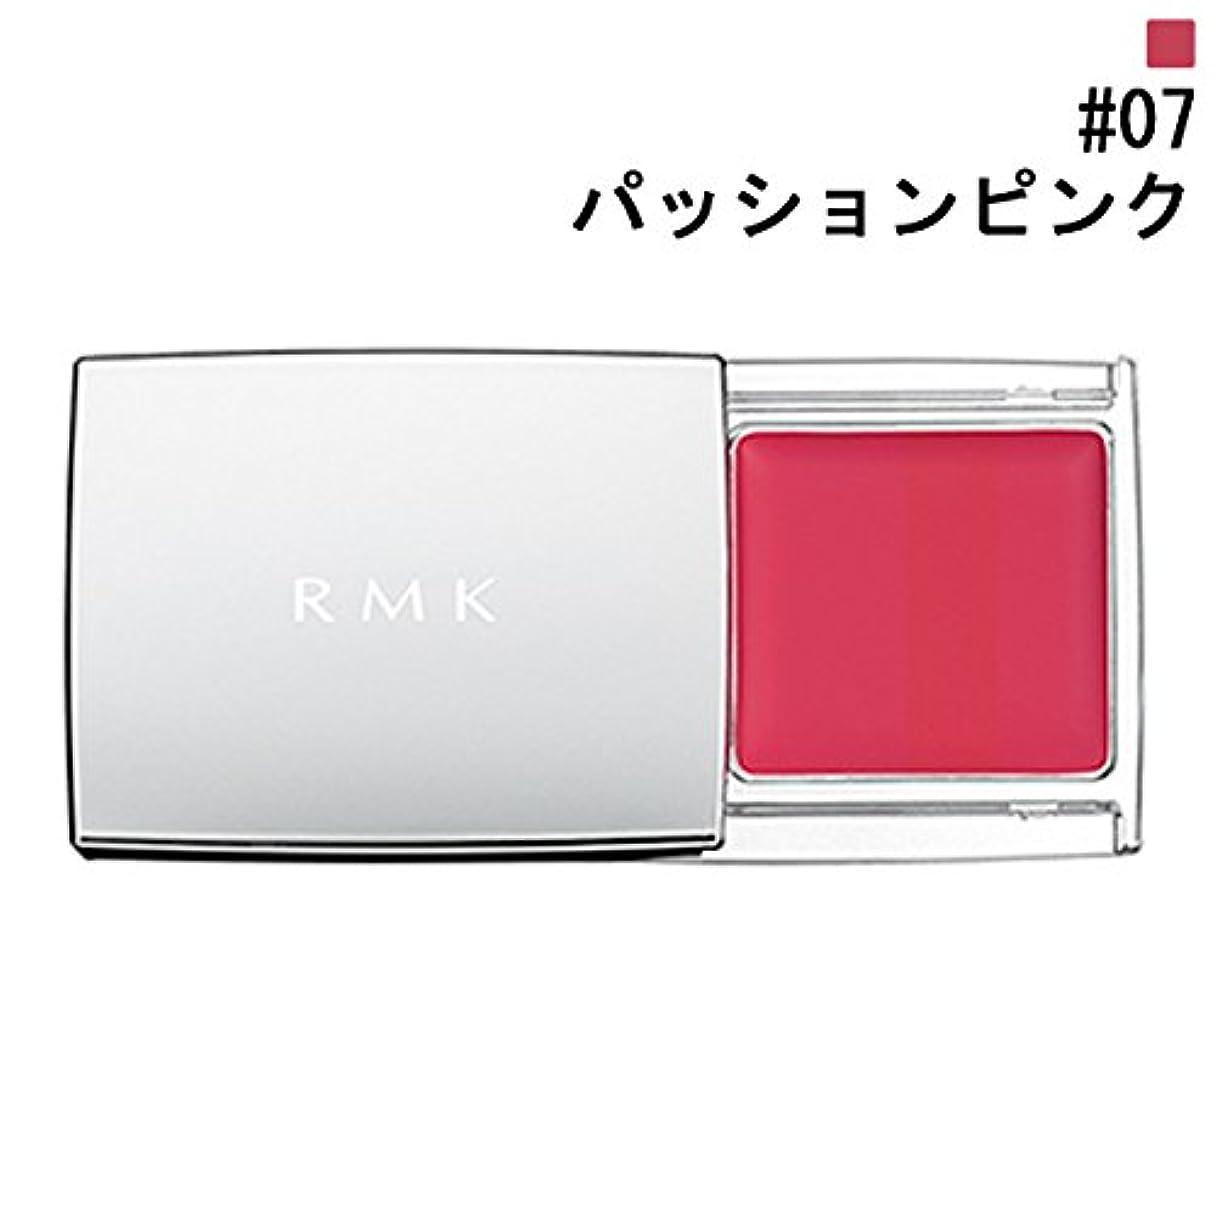 馬鹿げた全能艶【RMK (ルミコ)】RMK マルチペイントカラーズ #07 パッションピンク 1.5g